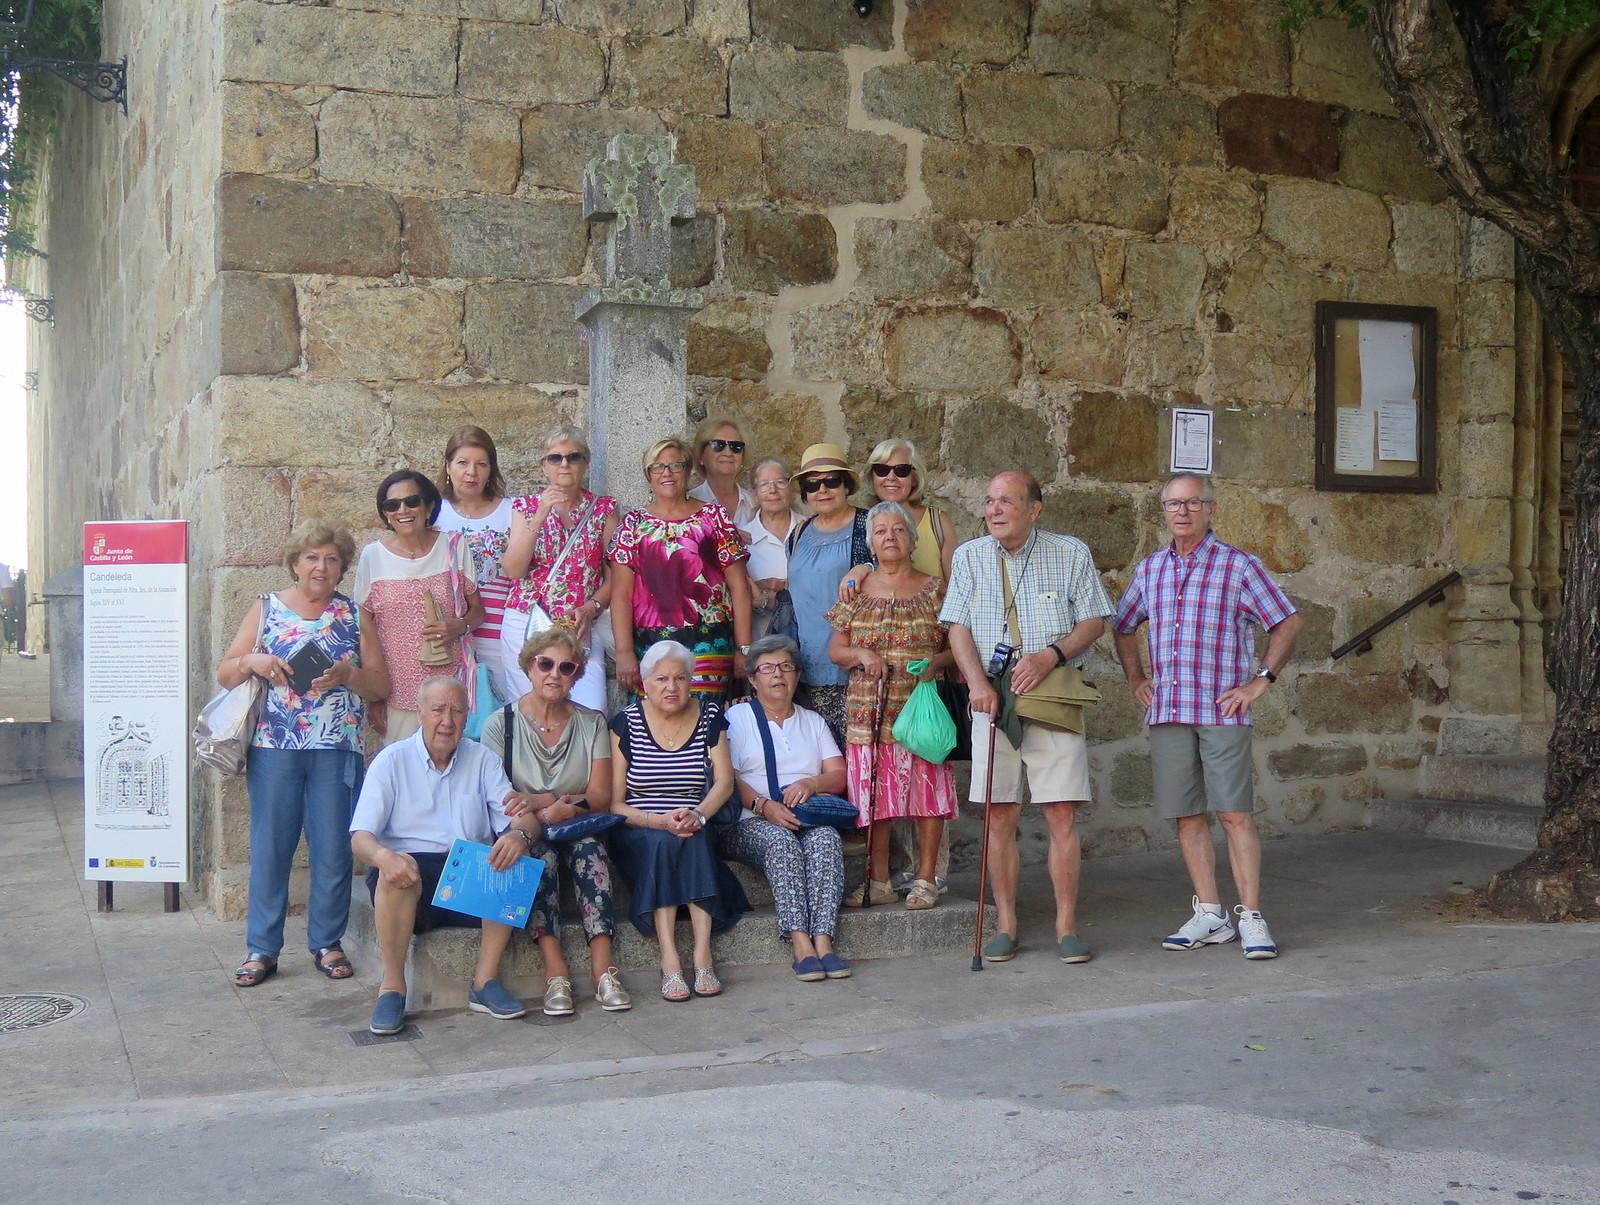 Foto del grupo, en la entrada de la Iglesia de Nuestra Señora de la Asunción (Candeleda)